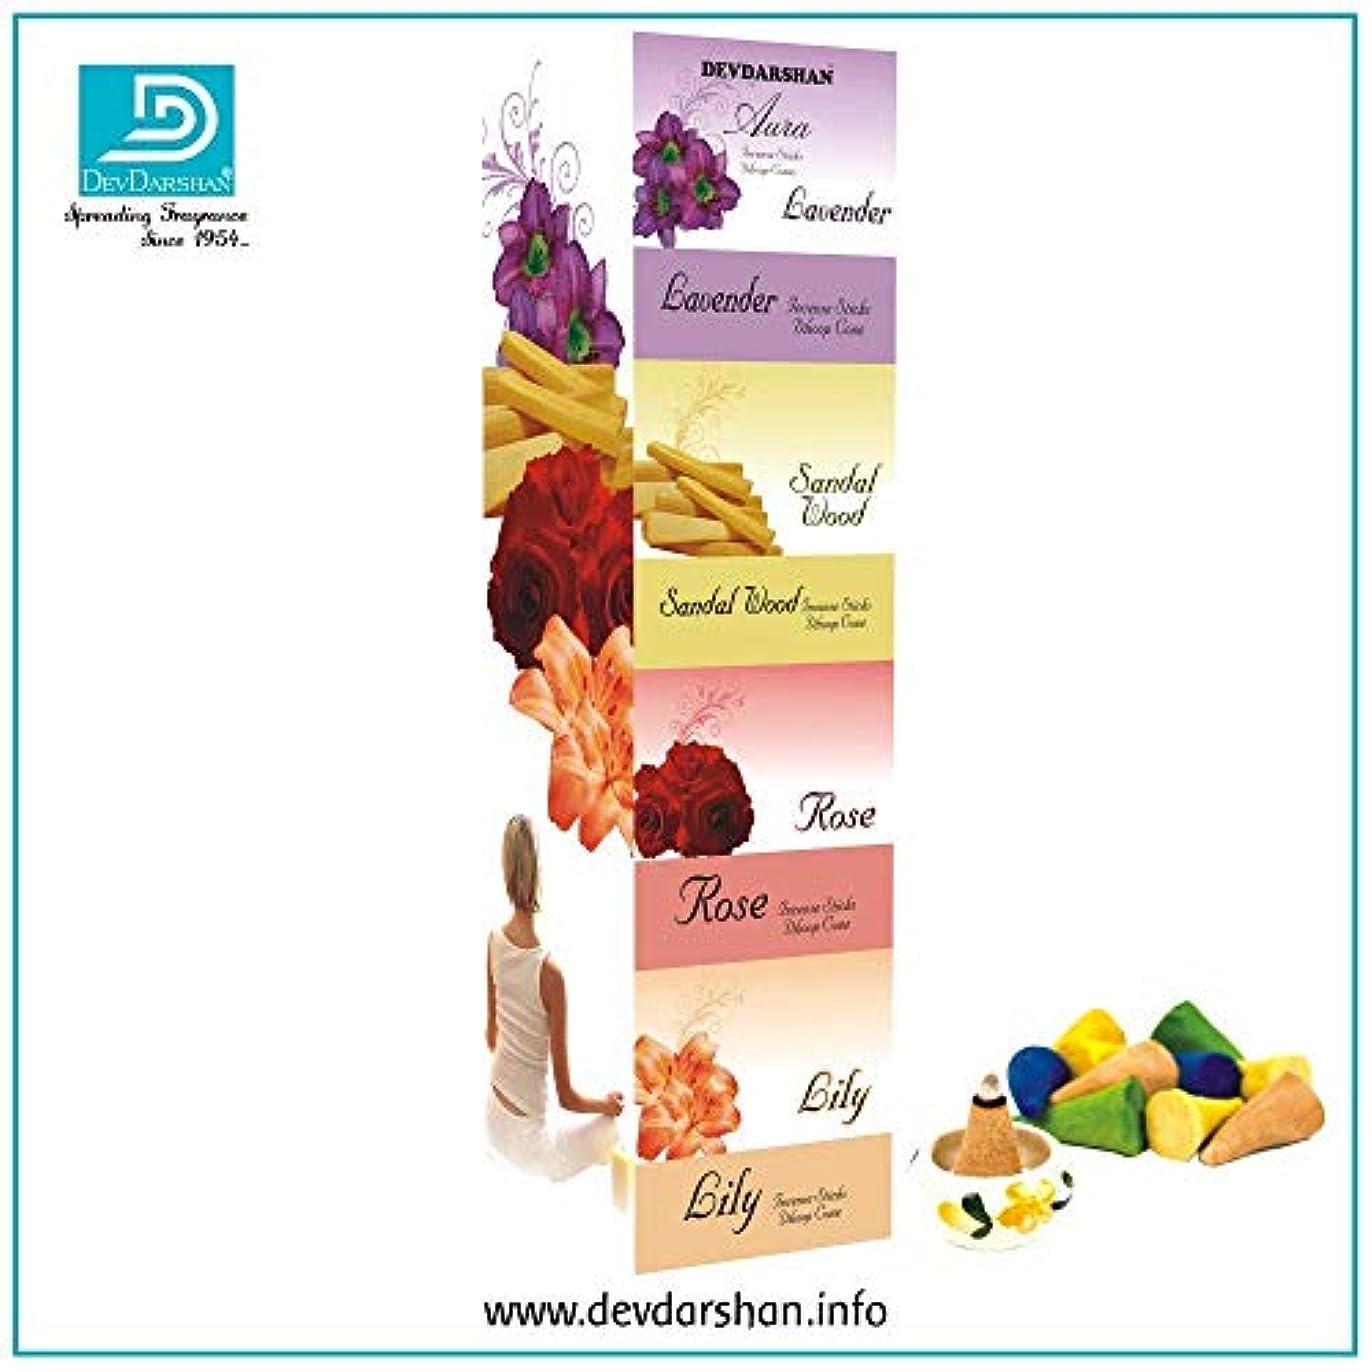 チョークコードレス飢えDevdarshan Aura Dry Dhoop Cones (Lavender, Sandalwood, Rose, Lily) 3 Units of 40g Each Fragrance, Pack of 12 Units